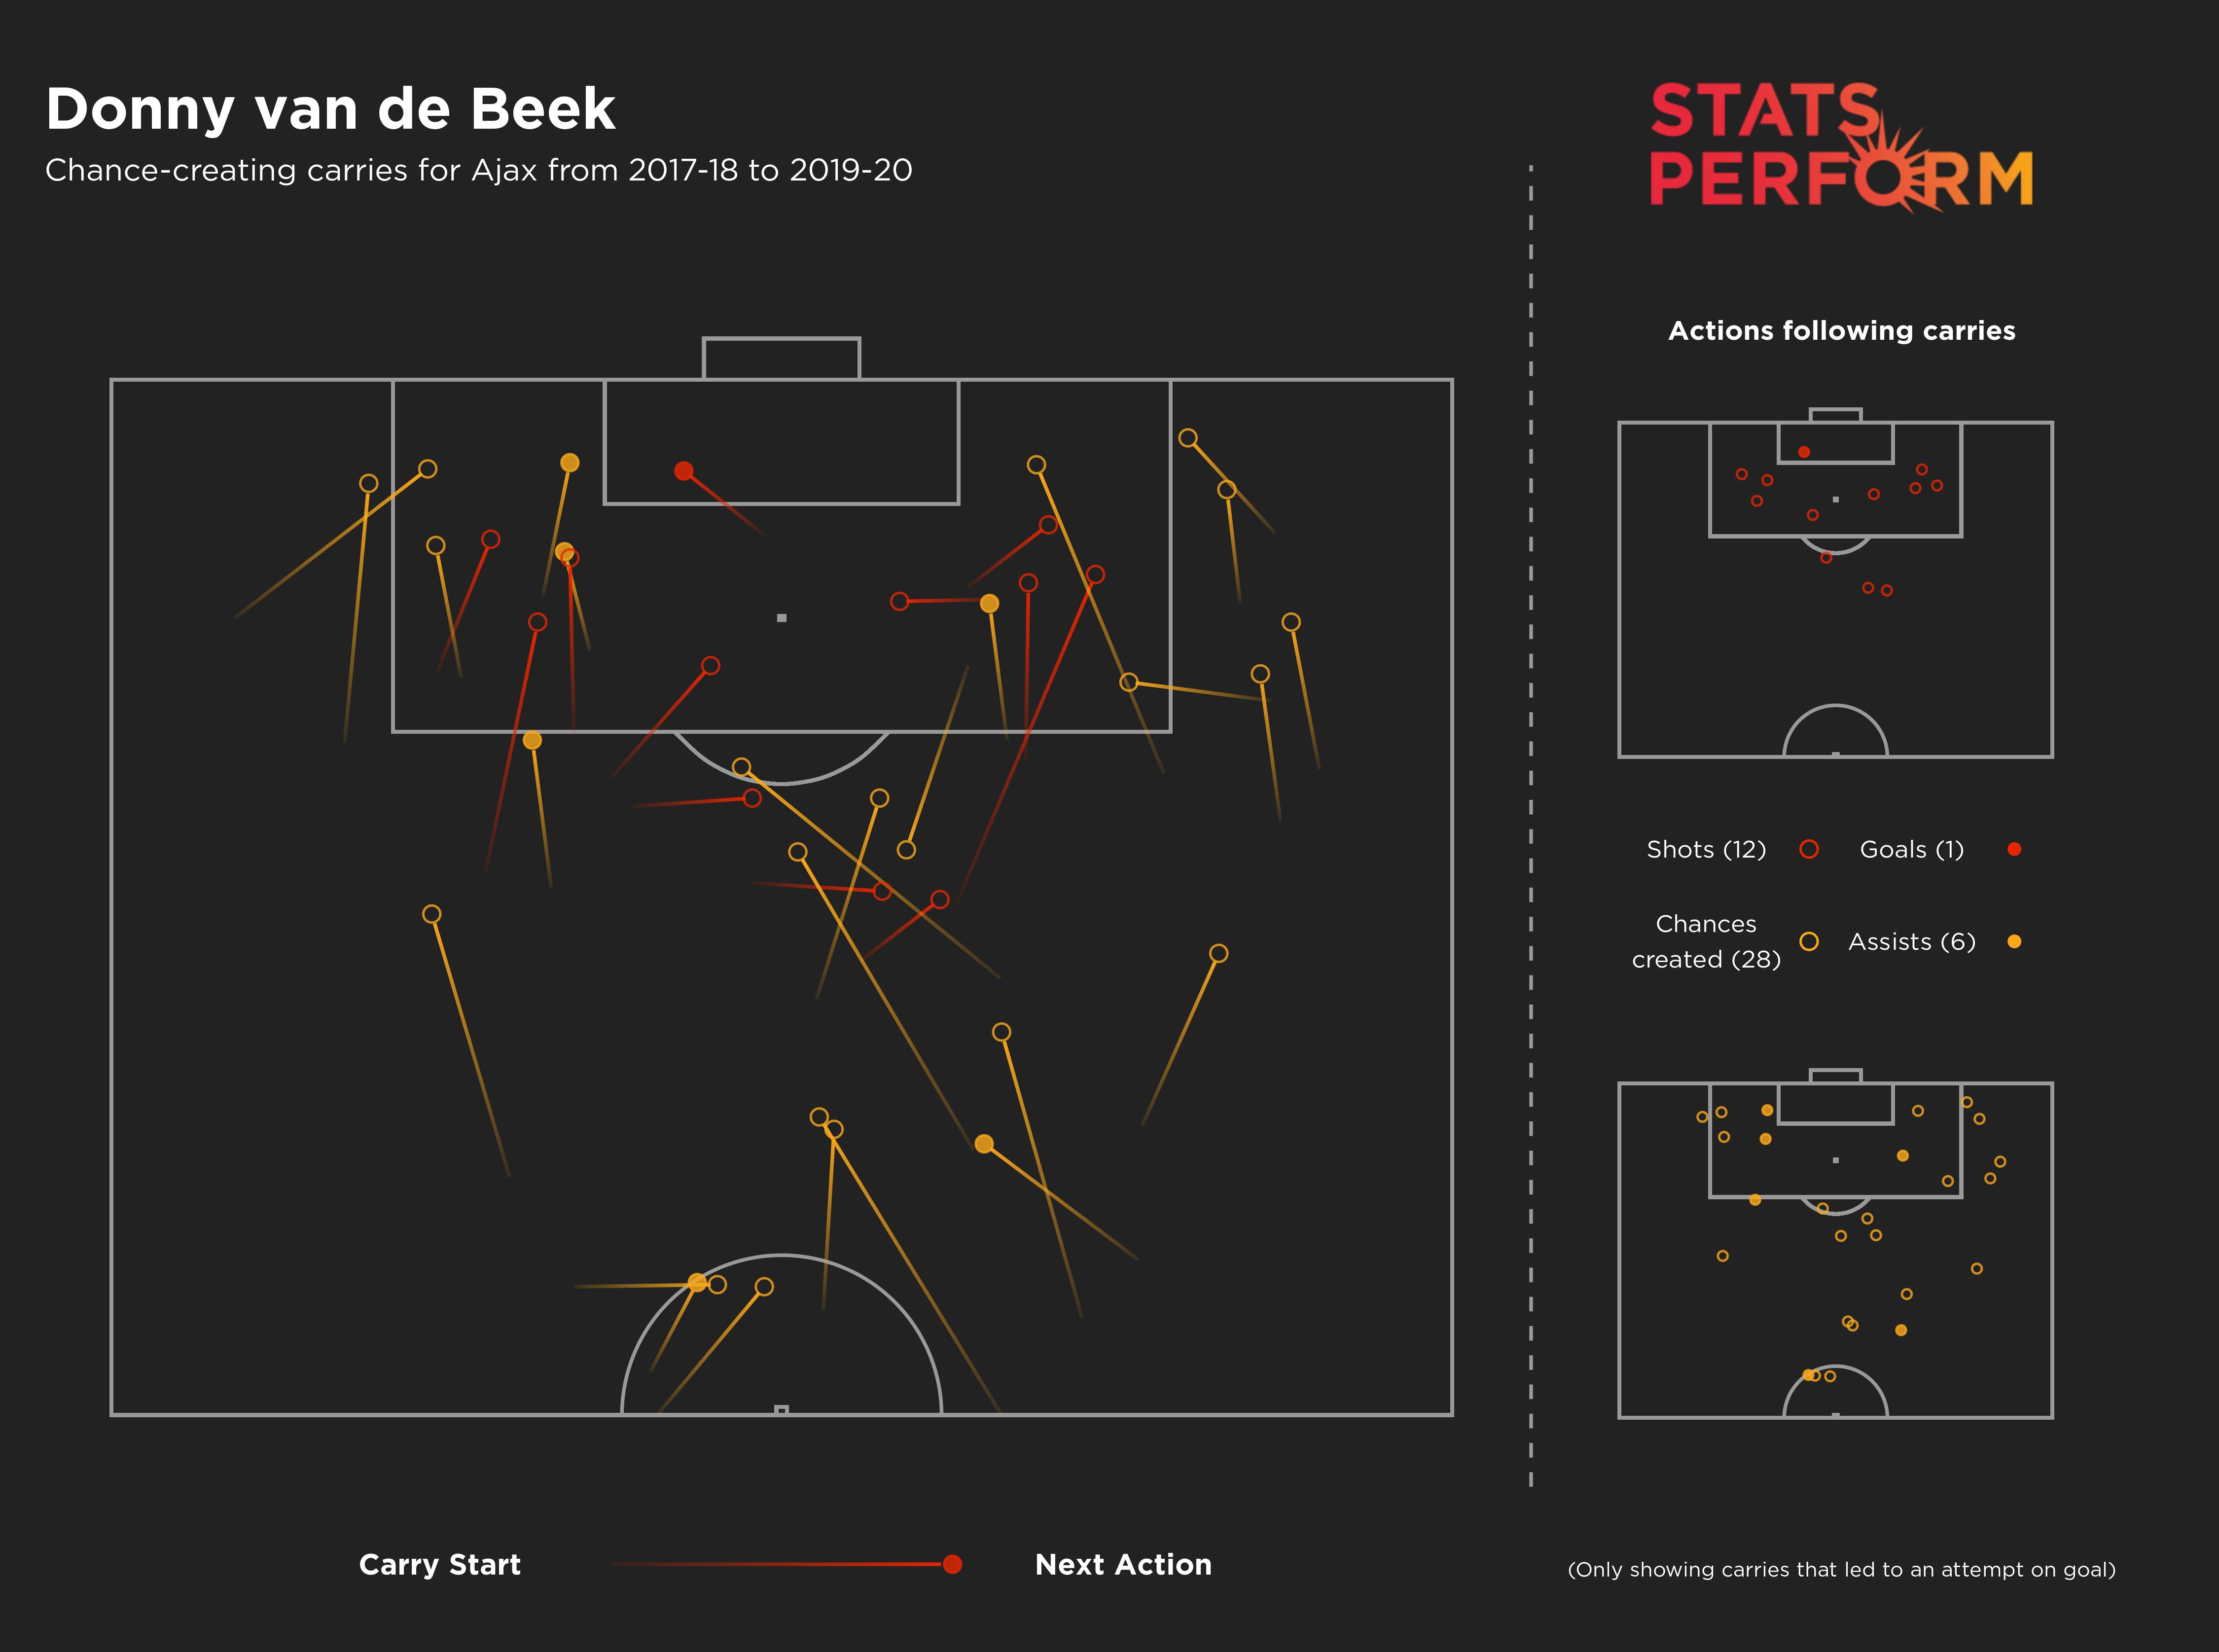 Donny van de Beek Eredivisie carries